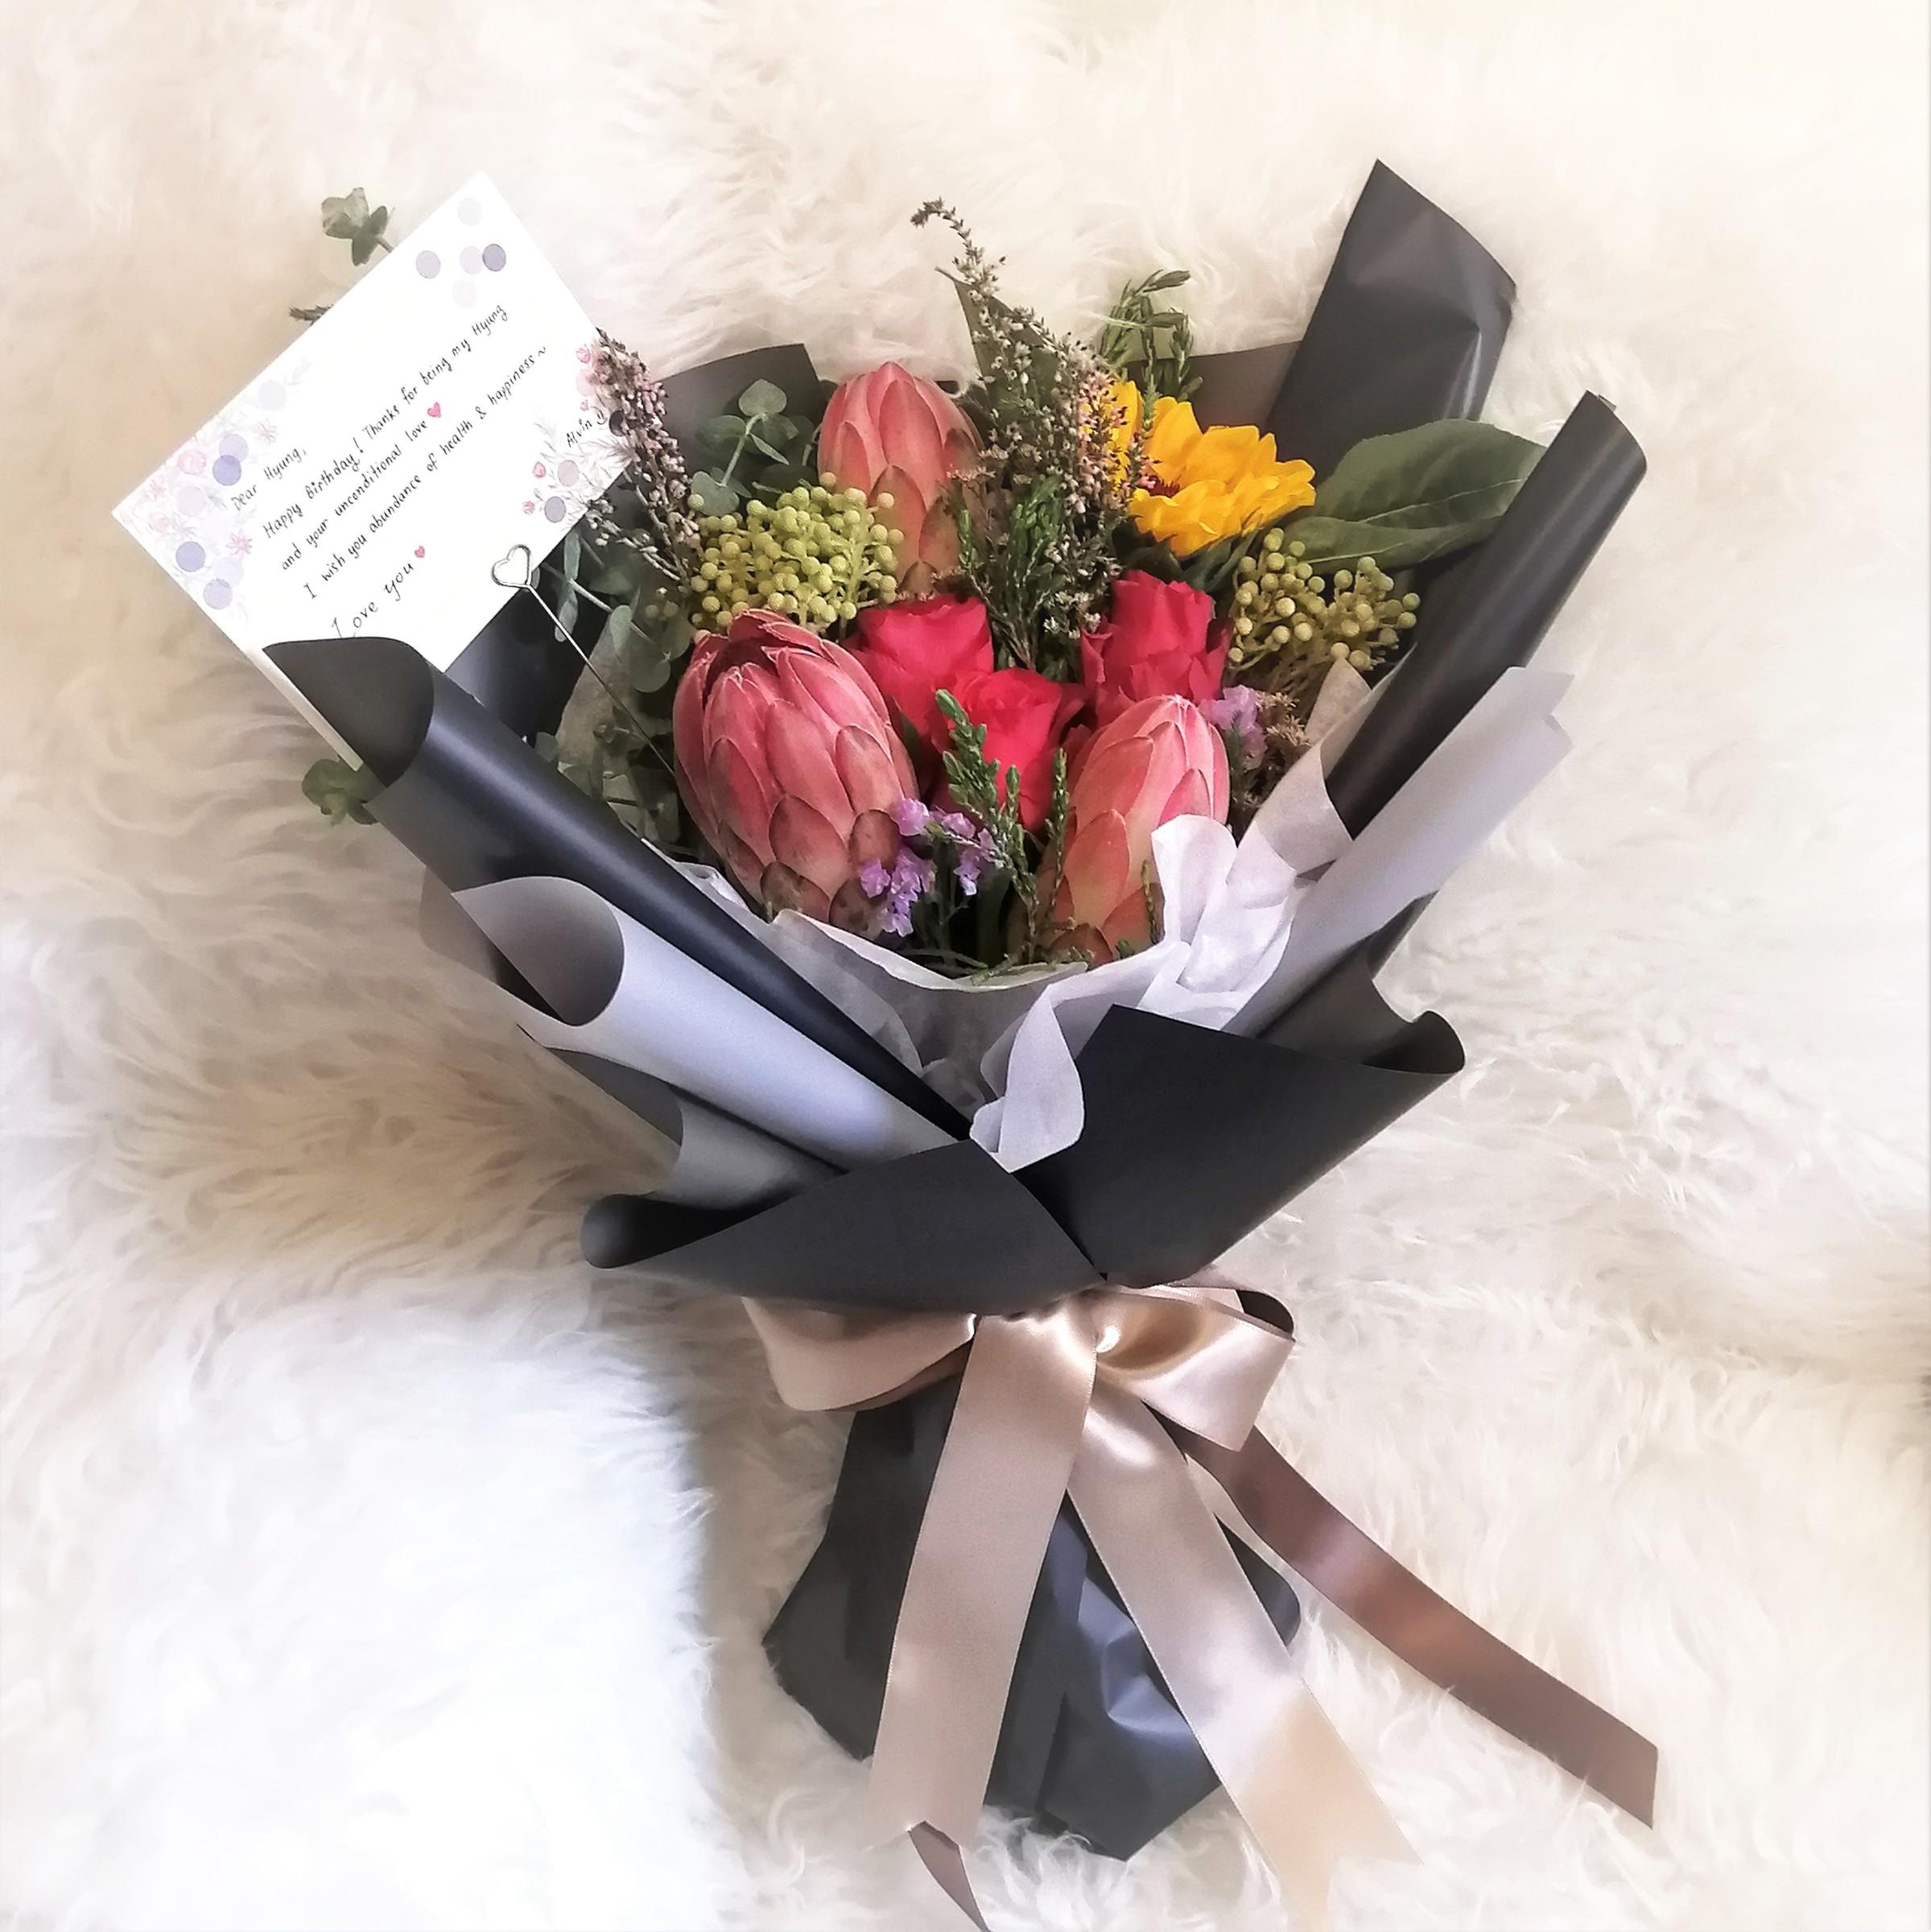 flower delivery kl 5.jpeg